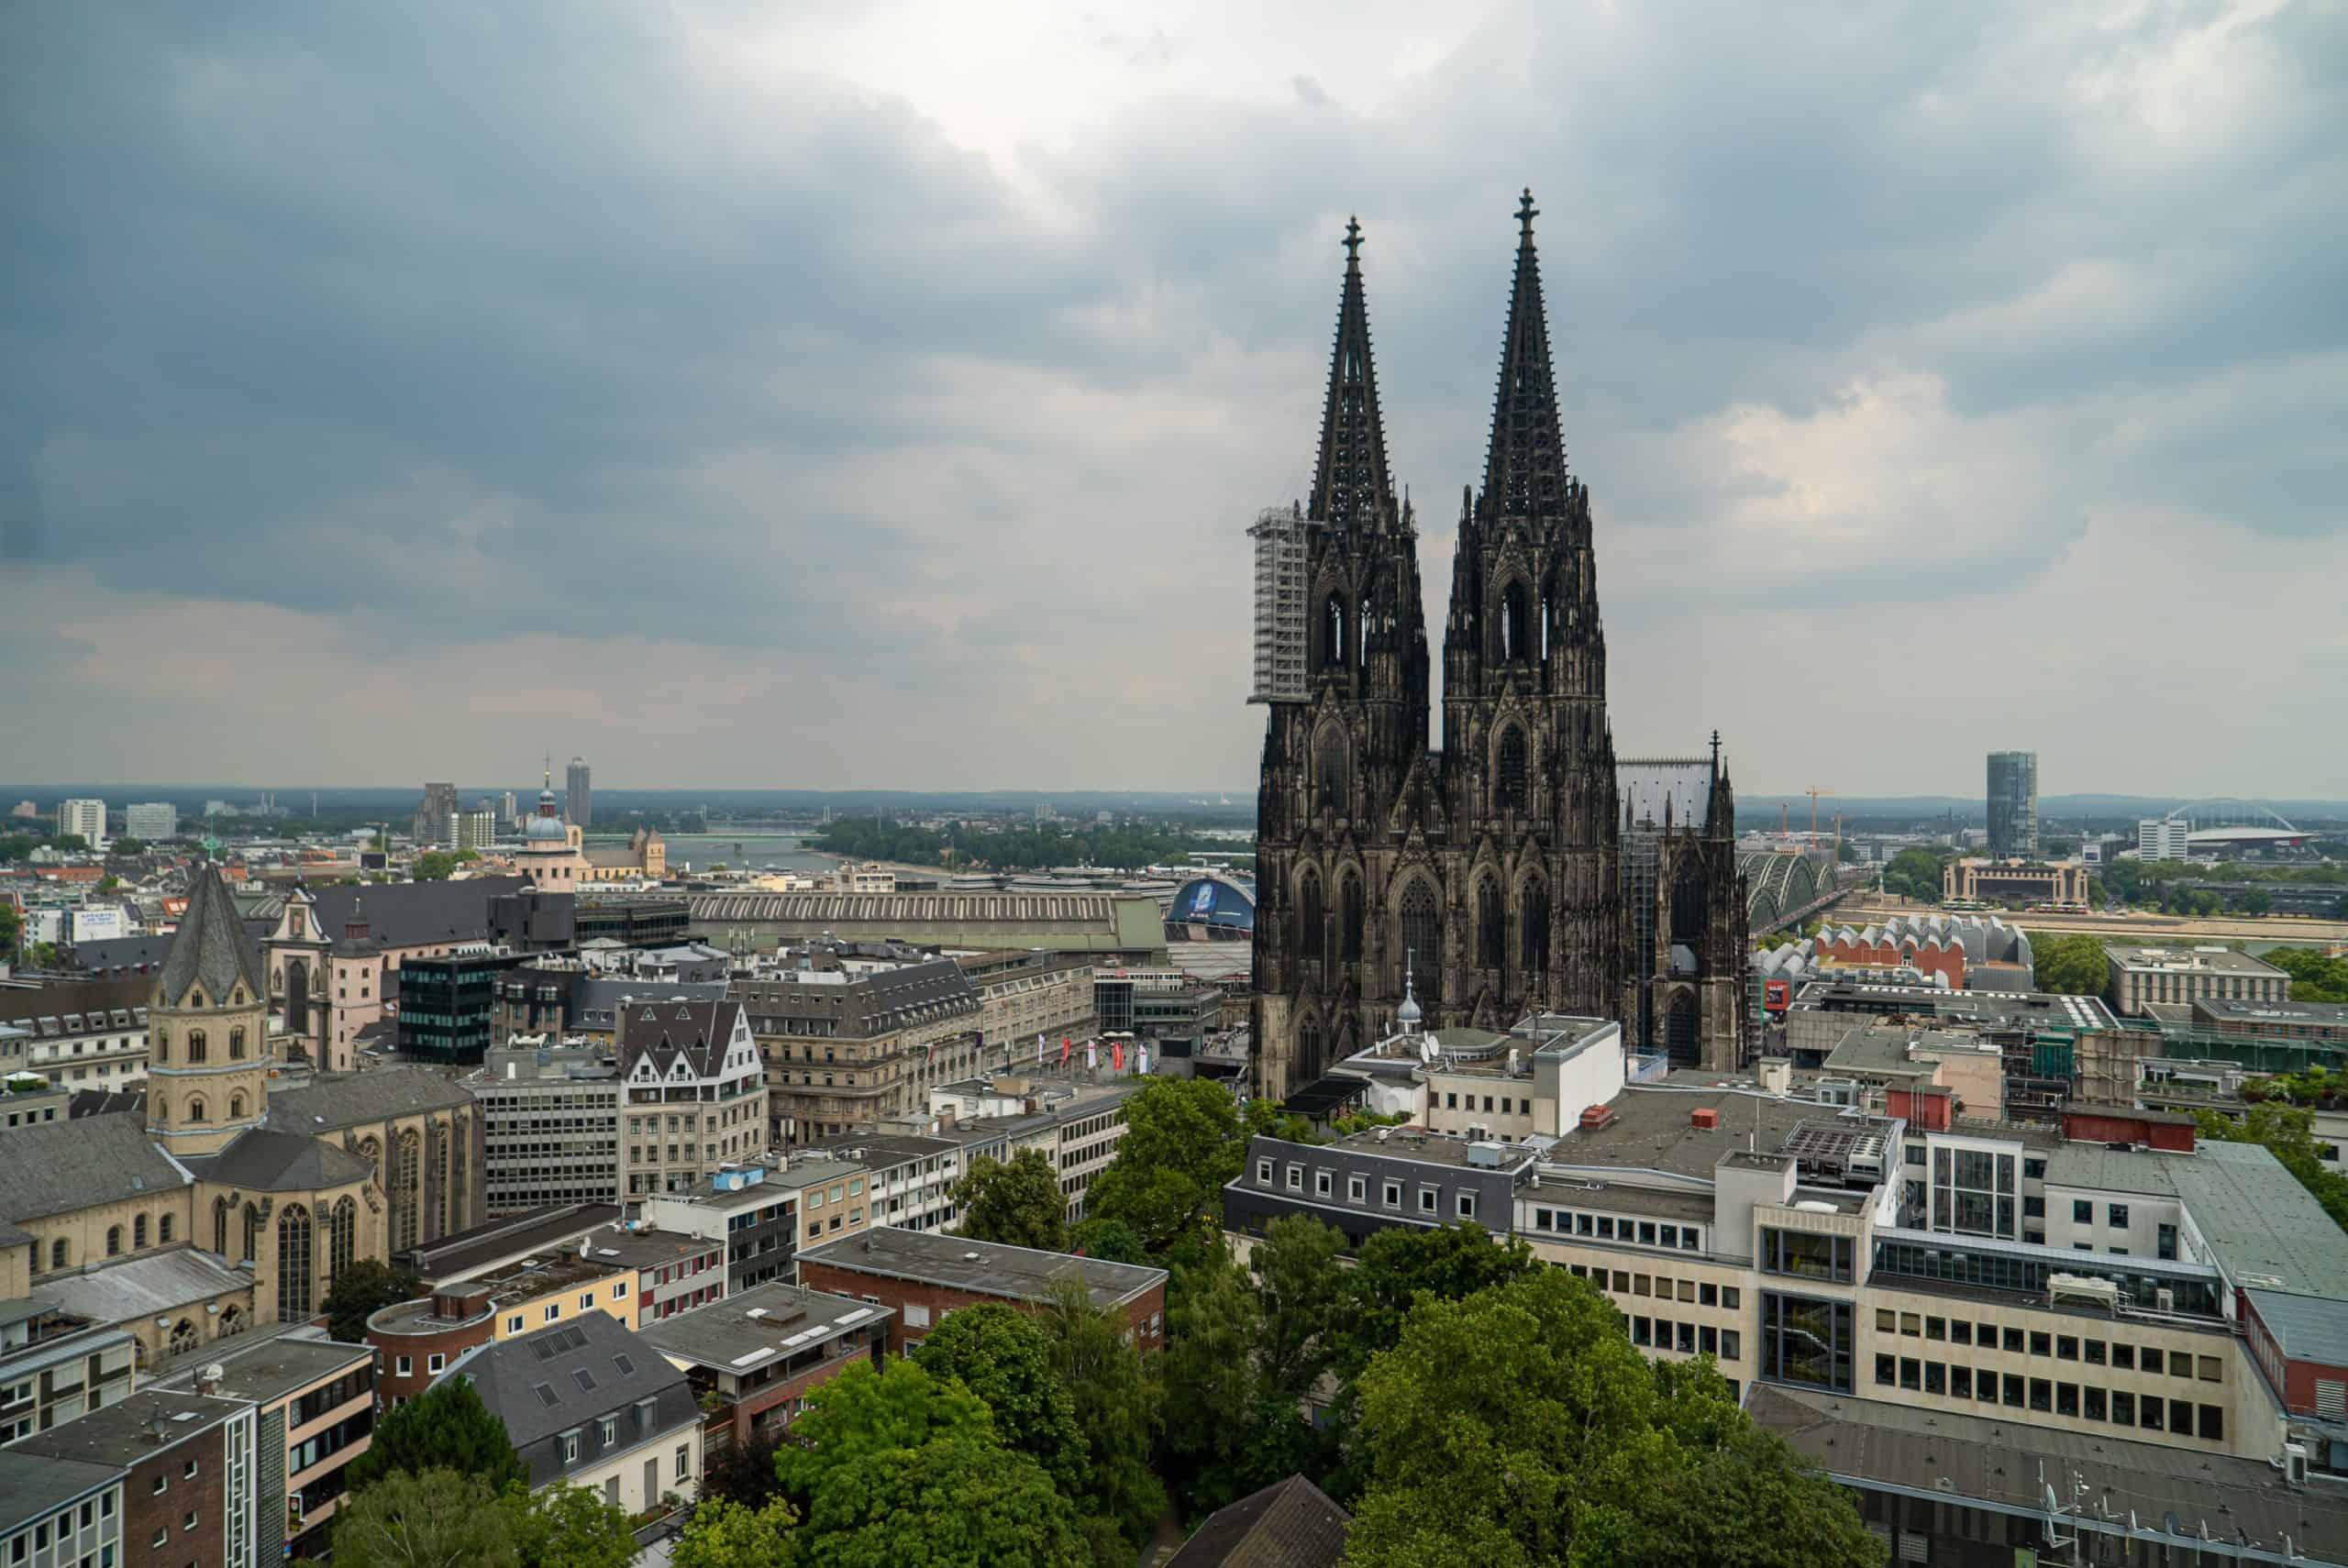 Gemälde schätzen in Köln und Düsseldorf - Ansicht Kölner Dom